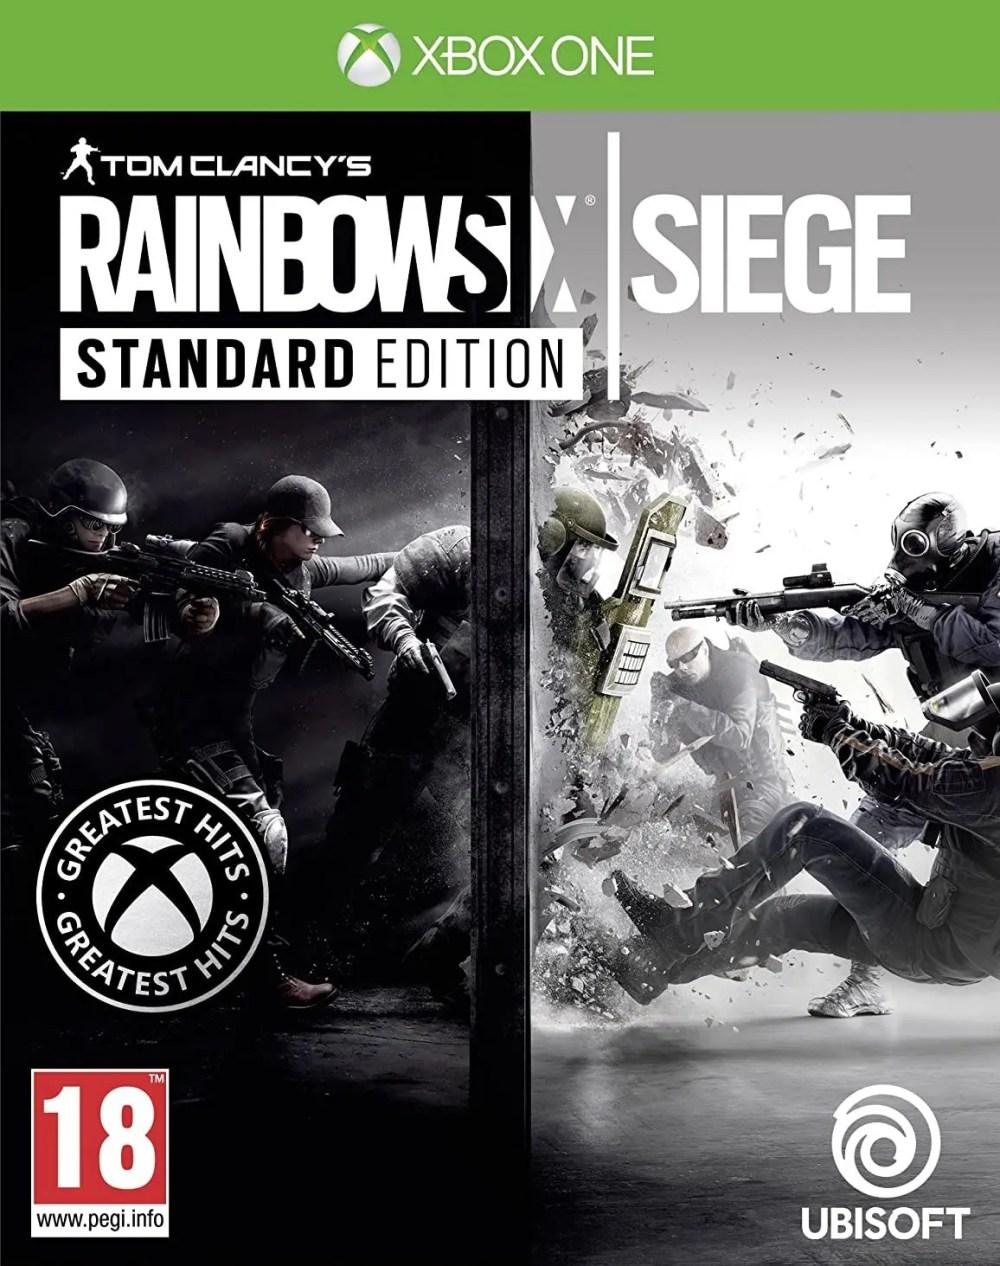 Tom Clancy's Rainbow Six Siege (Standard Edition) for Xbox One